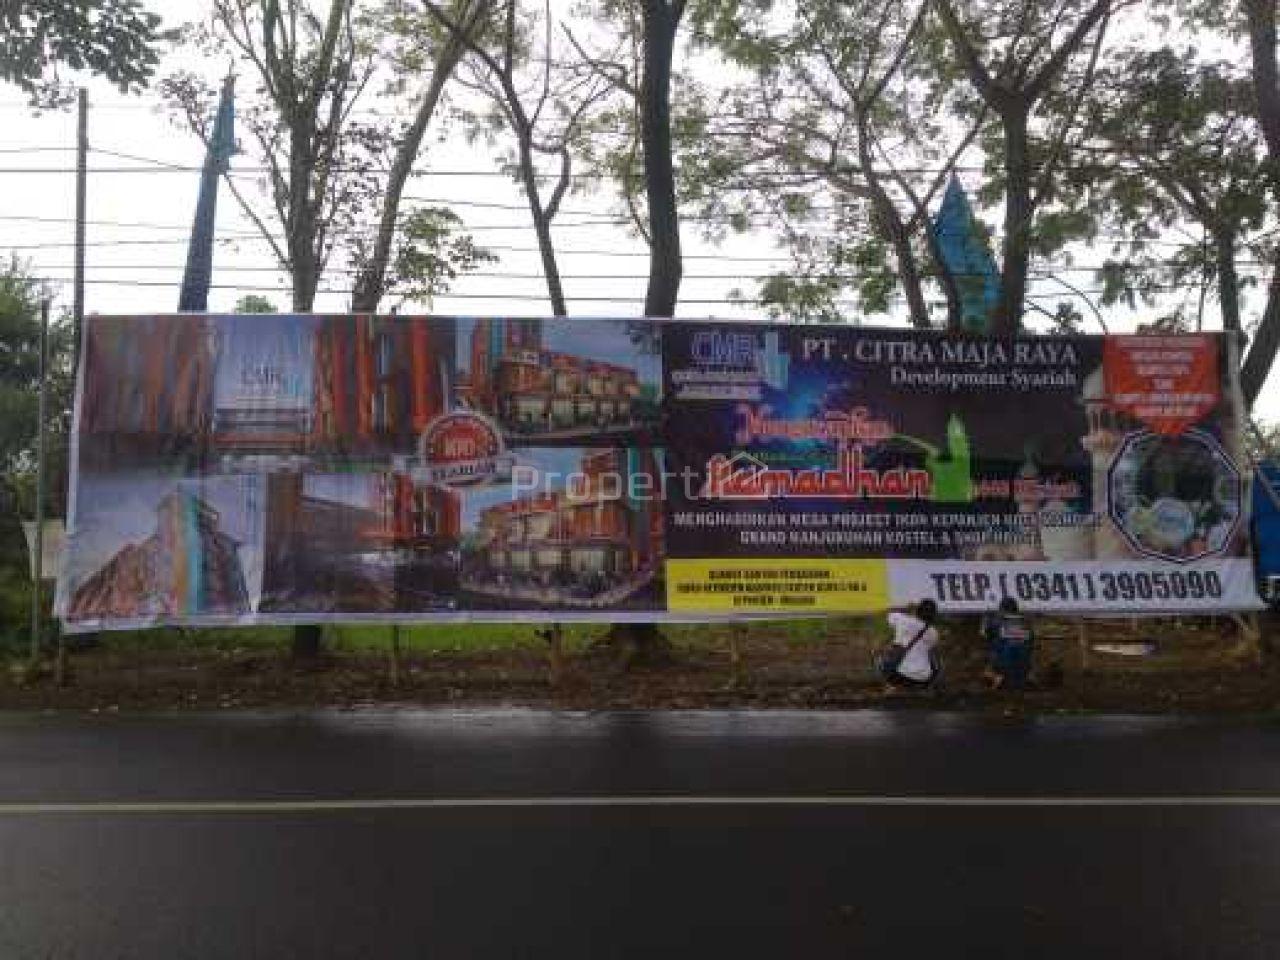 Investasi Unit Grand Kanjuruhan Kostel Malang, Kepanjen